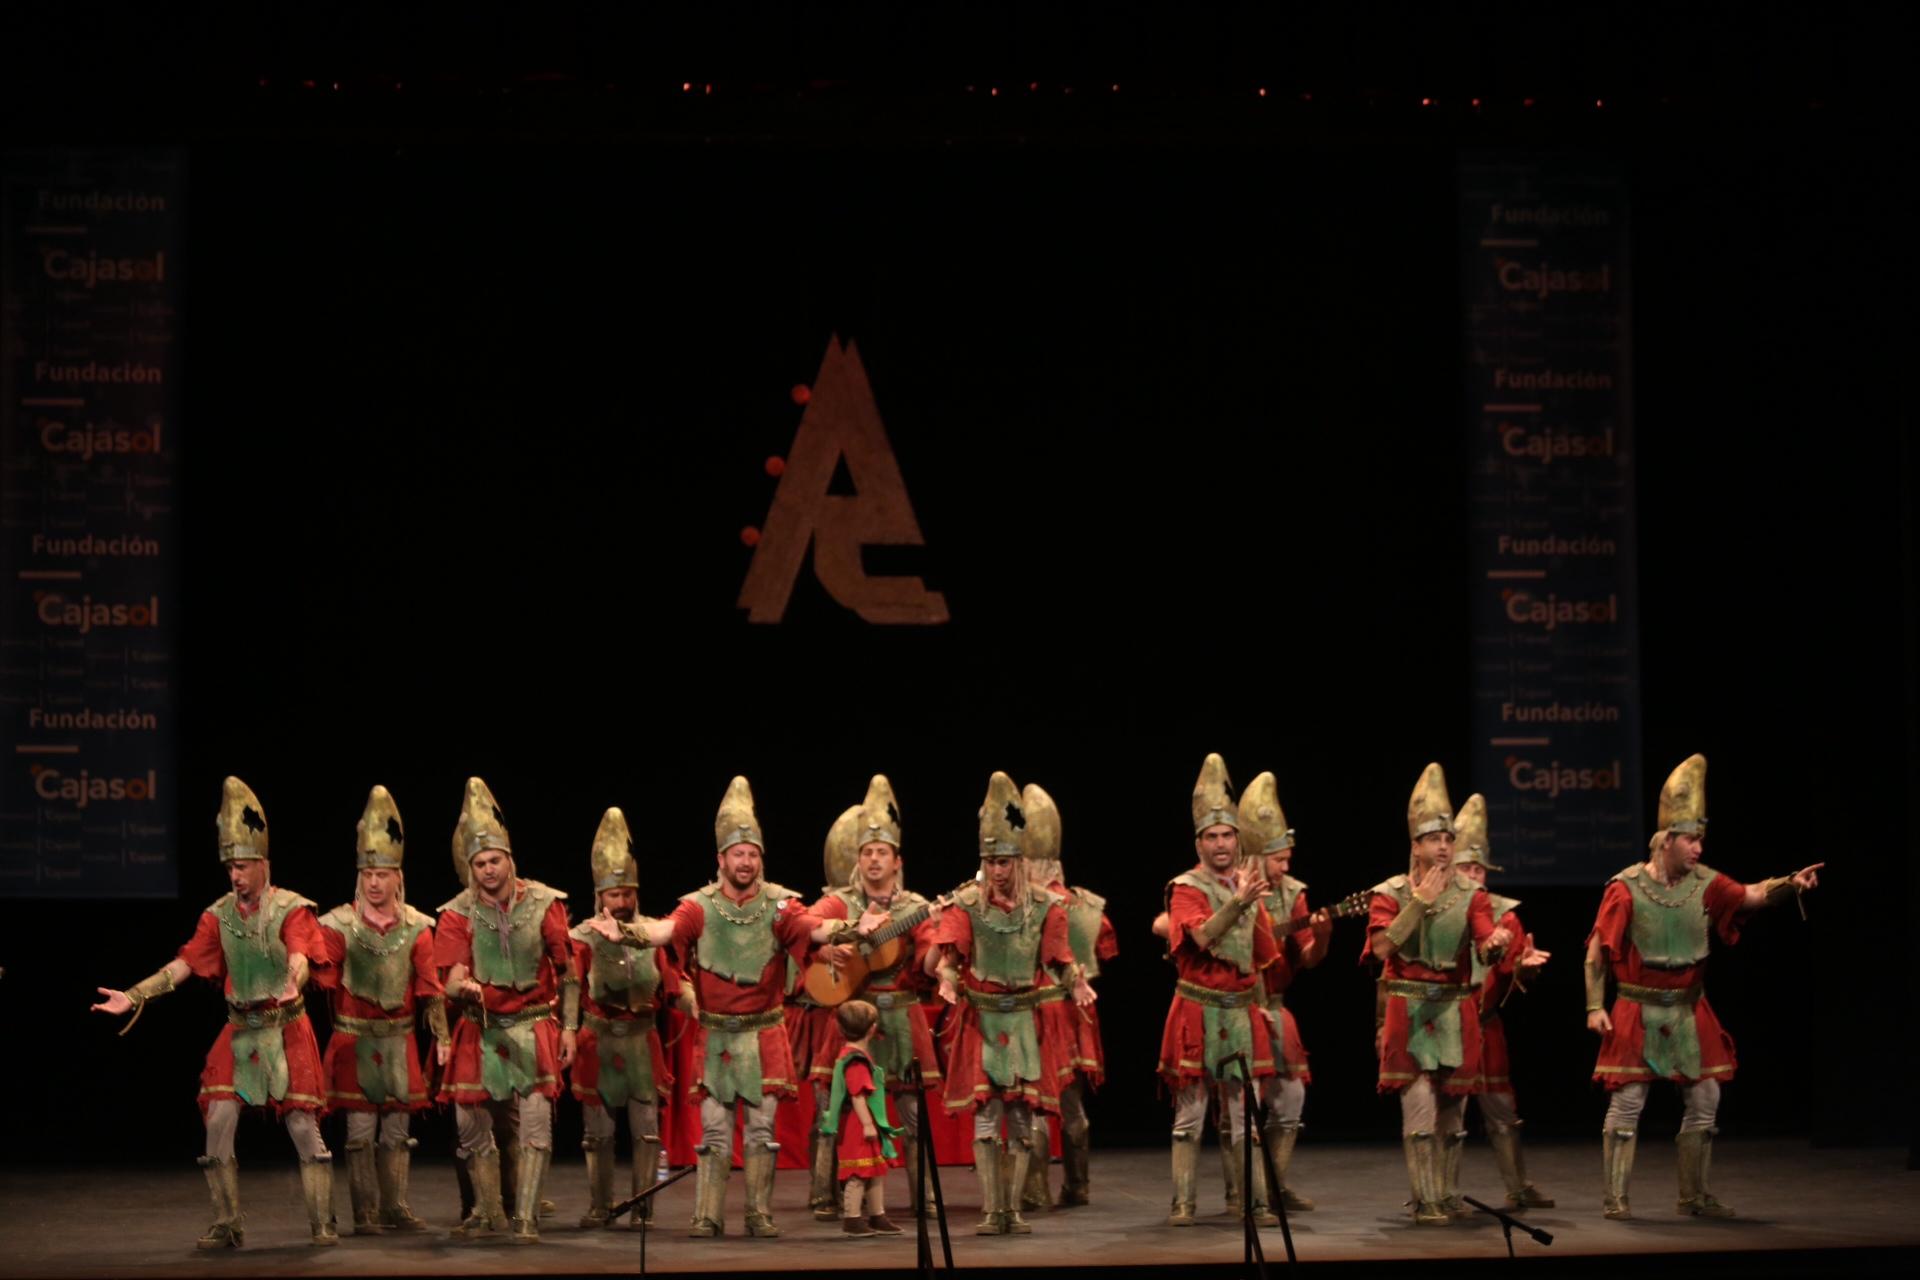 El Carnaval de Cádiz saca su alfombra roja